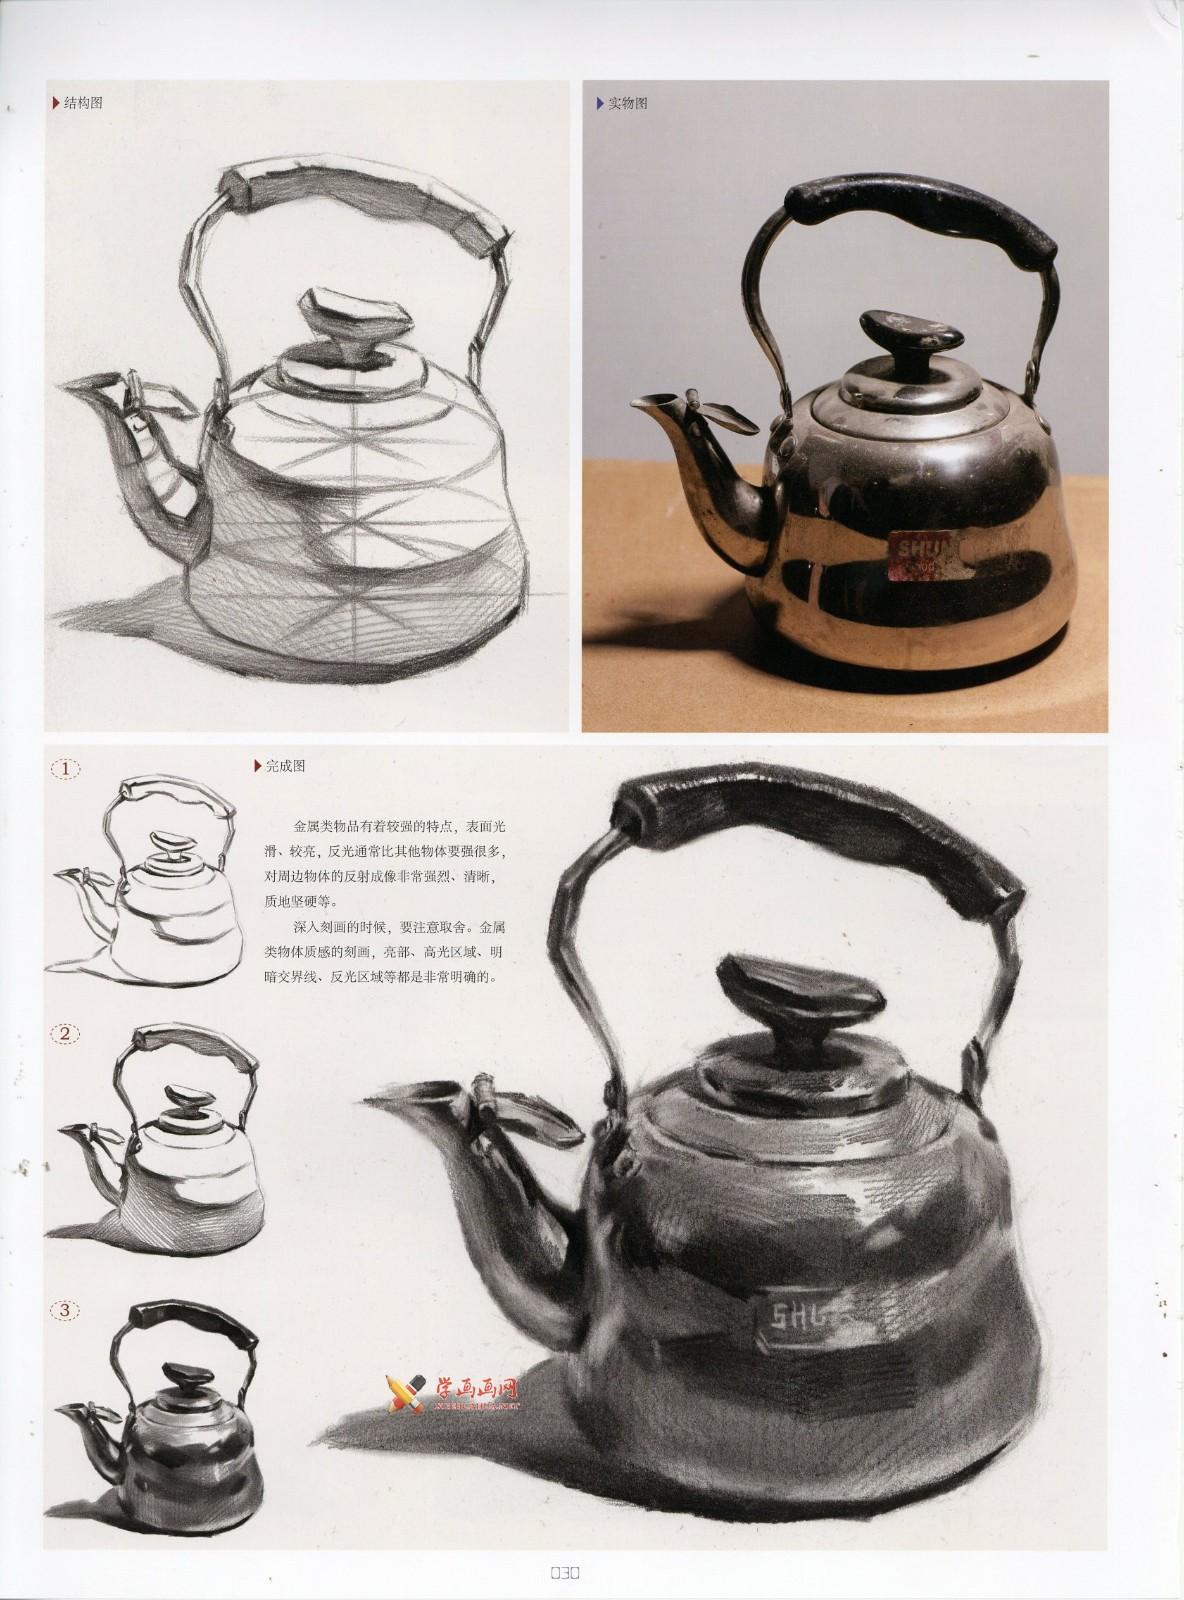 素描单体教程:不锈钢电水壶的画法步骤图解(2)